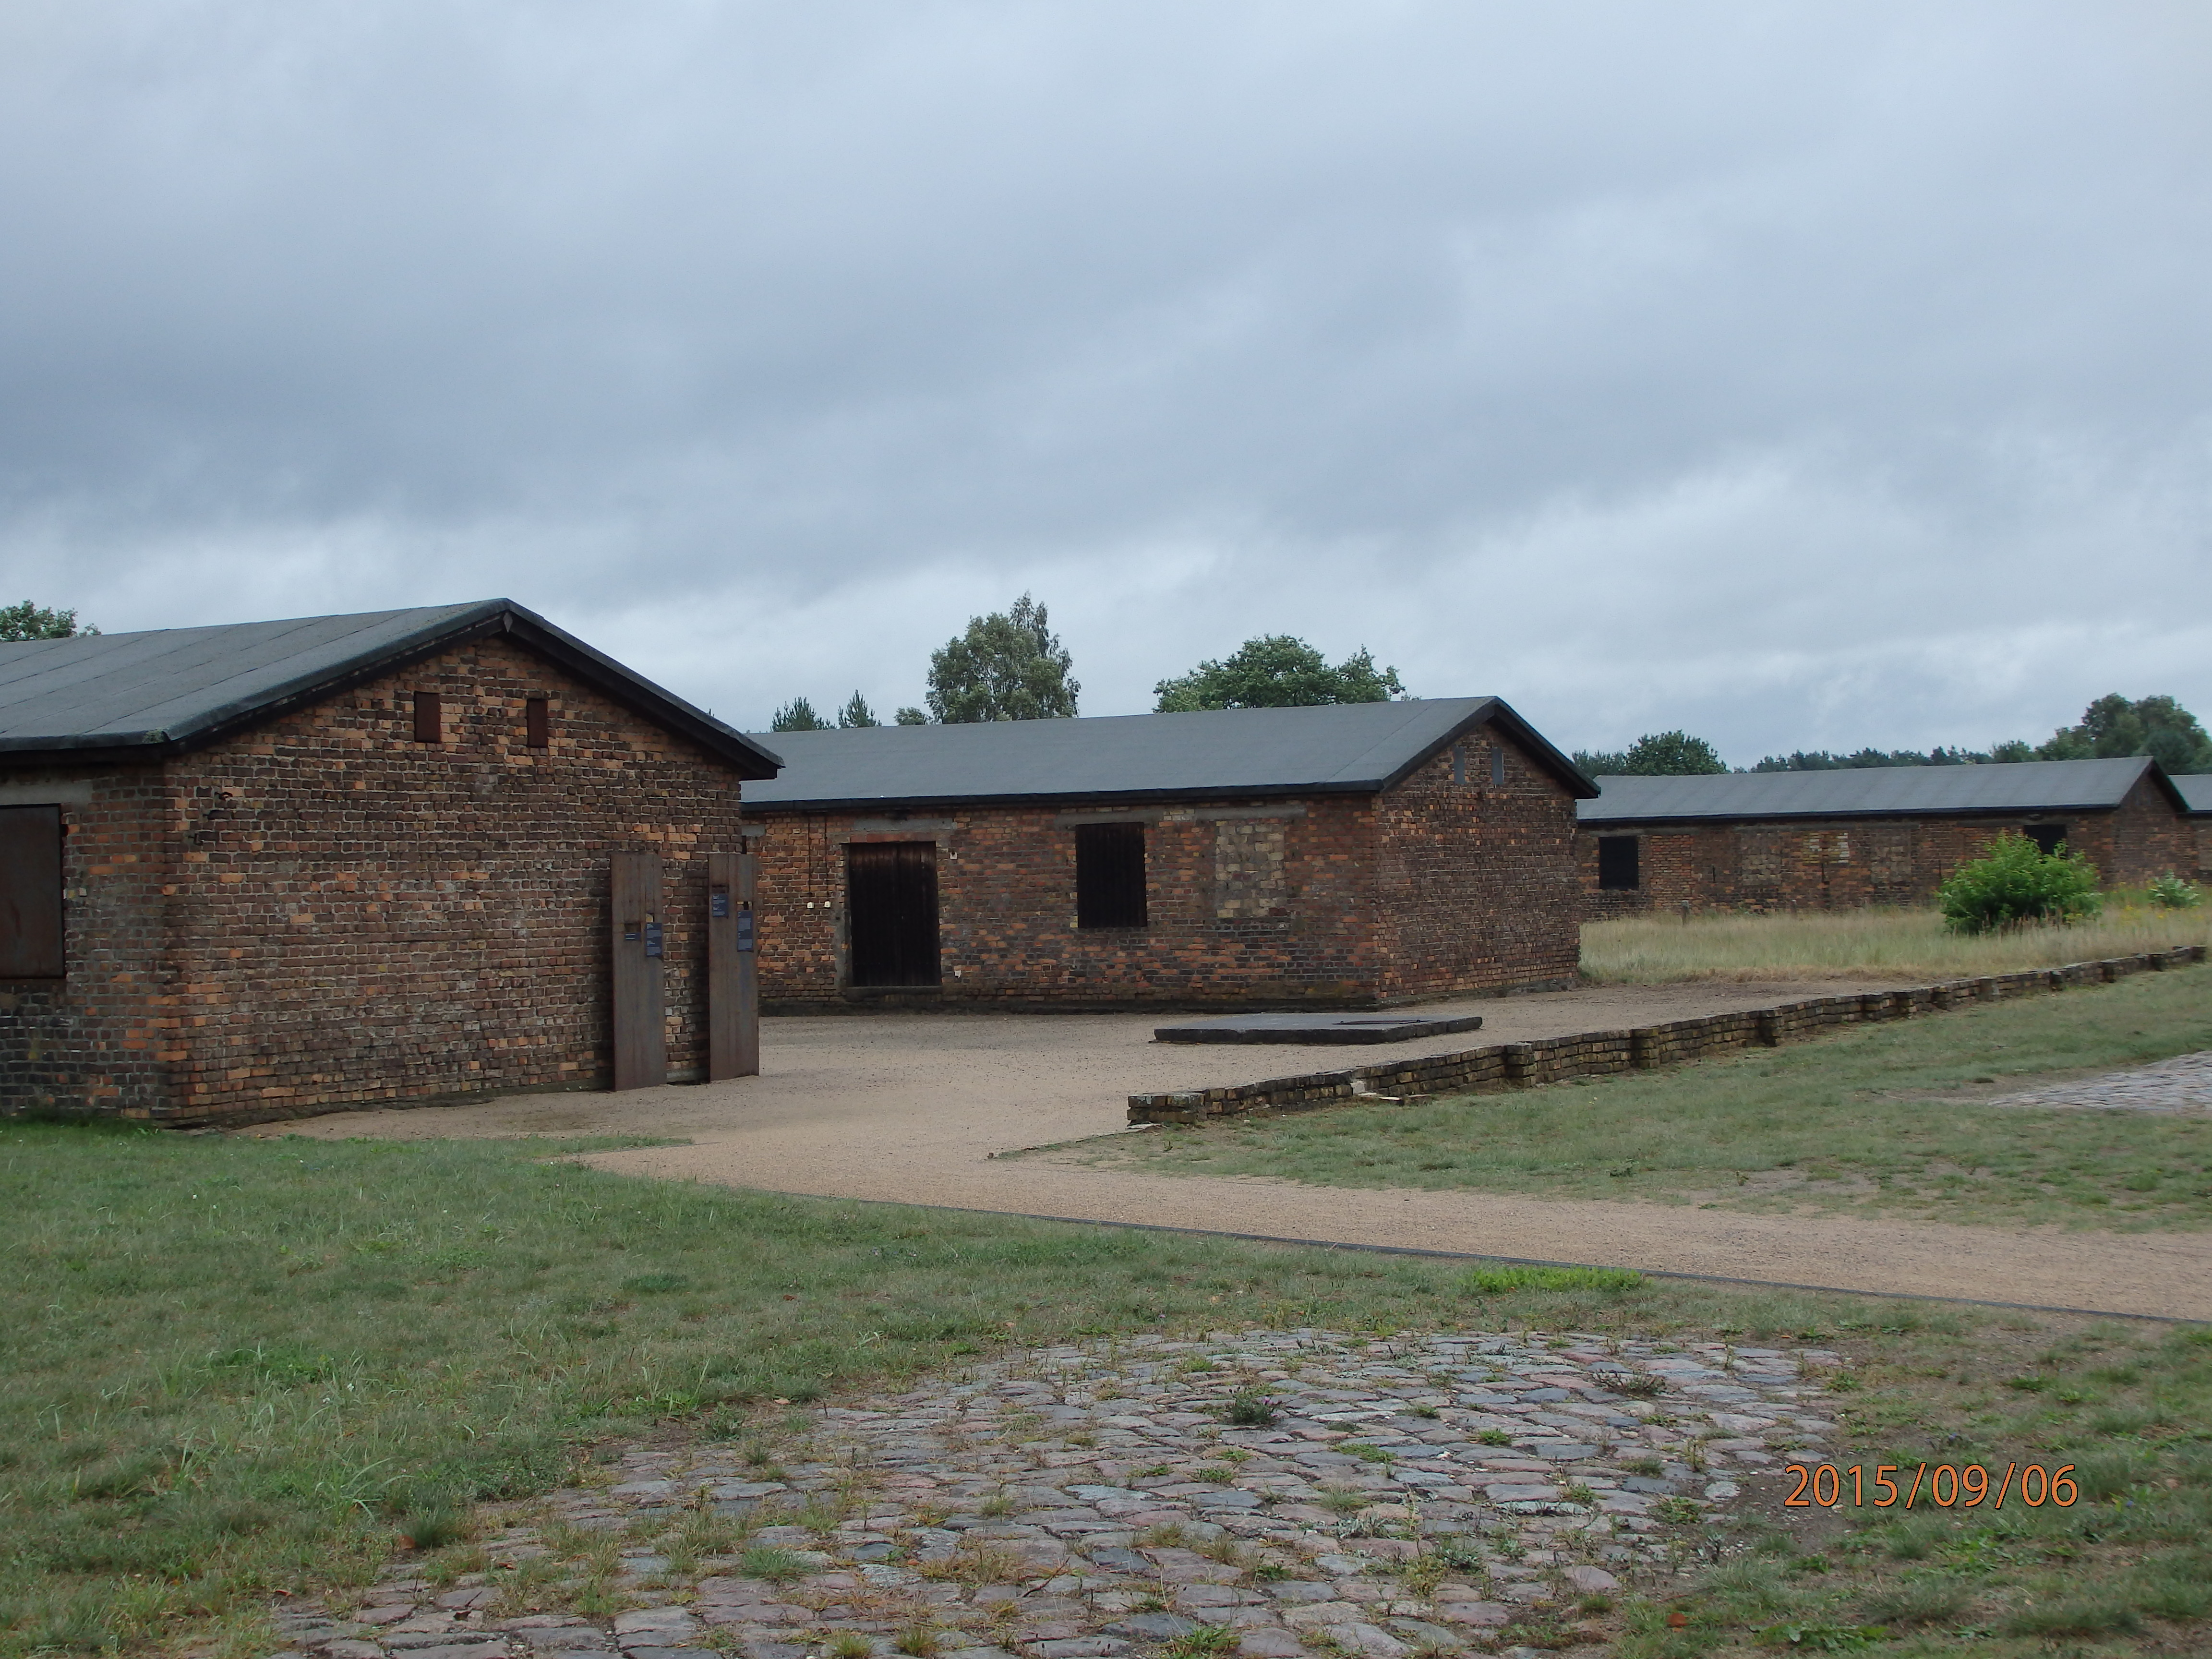 Sachsenhausen | VEREINIGUNG 17. JUNI 1953 e.V.